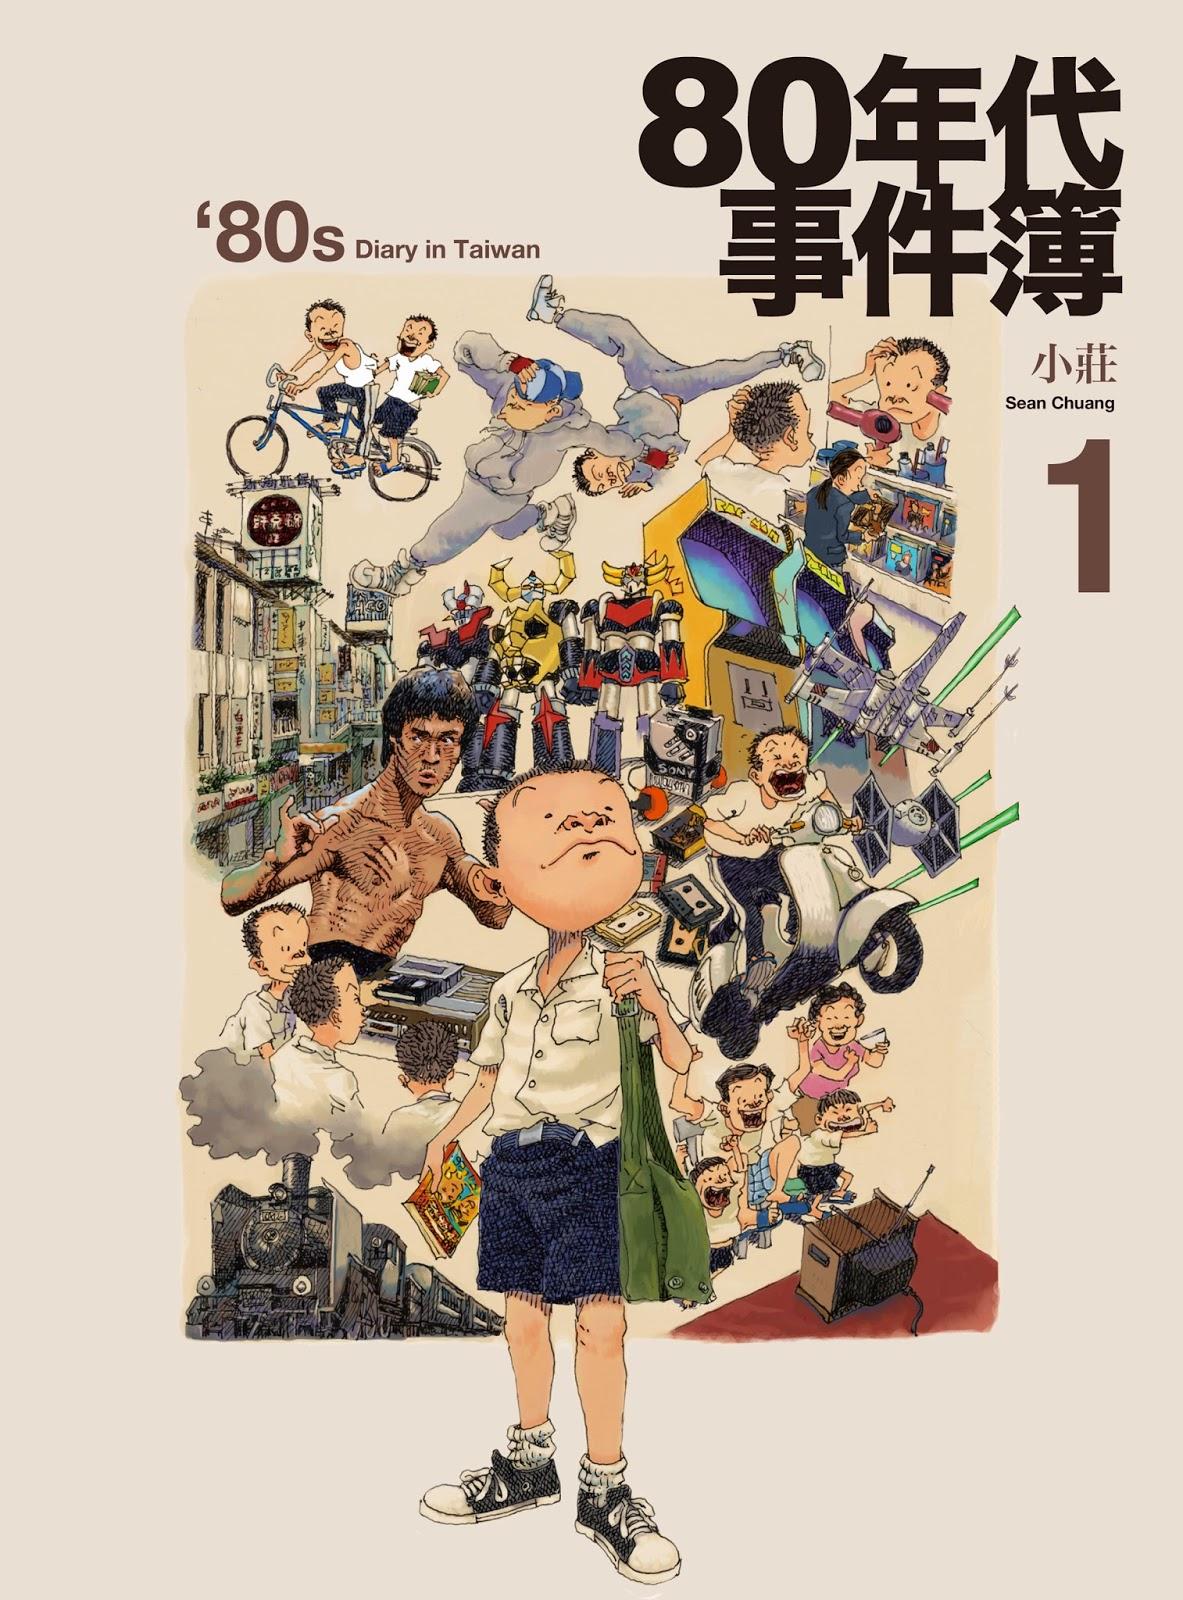 2015法國安古蘭國際漫畫節臺灣館: 參展漫畫家:小莊